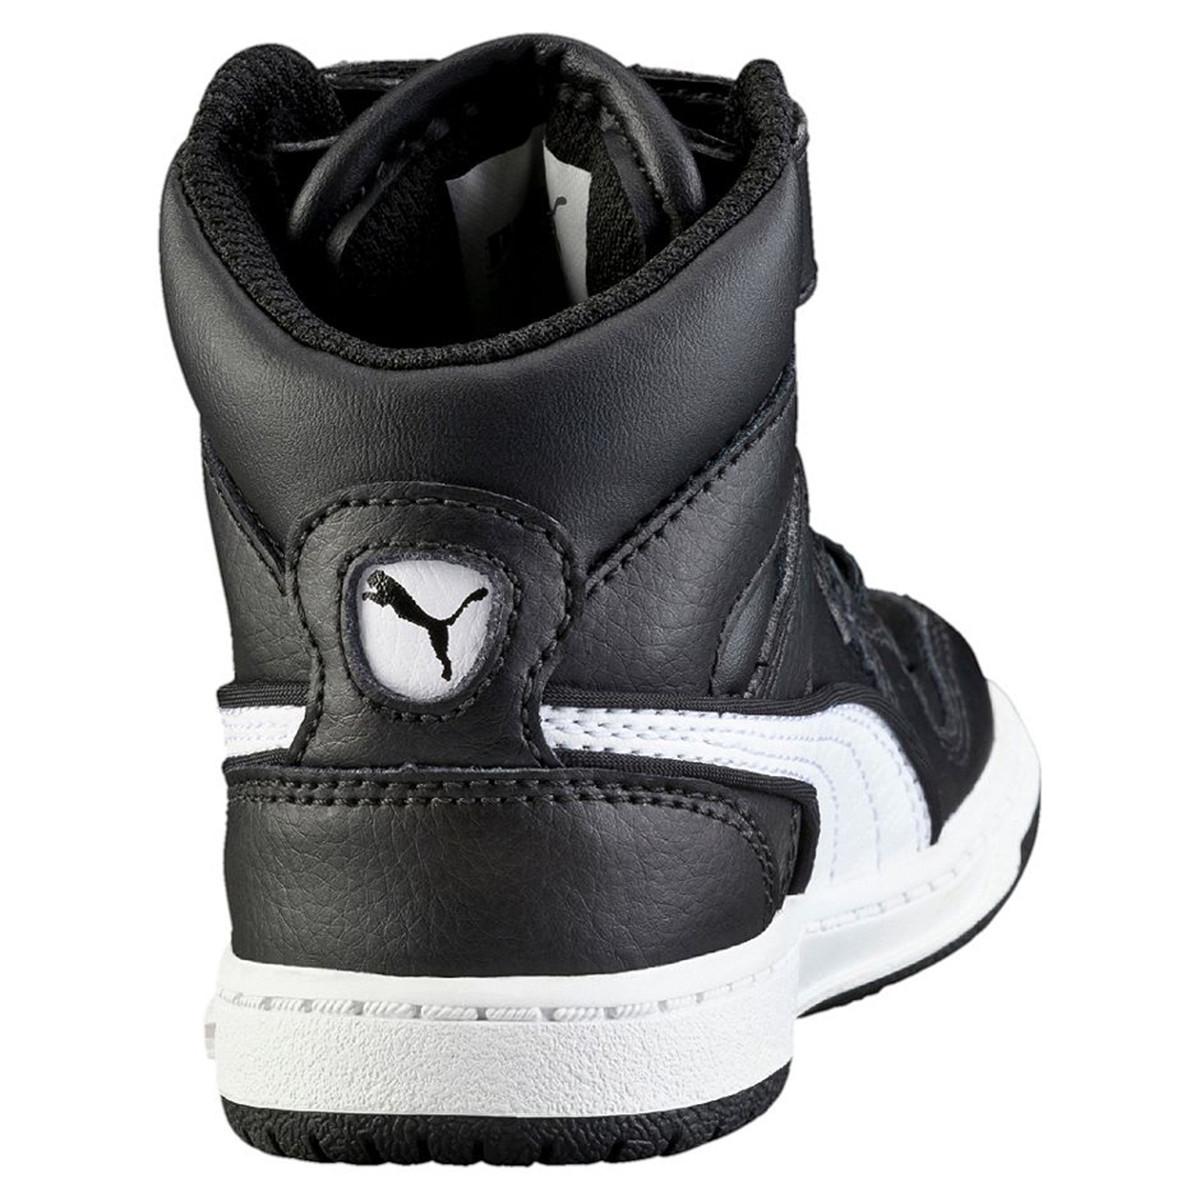 Chaussure Rebound Pas Baskets Puma Noir Garçonbébé Street Cher rR7qr8S